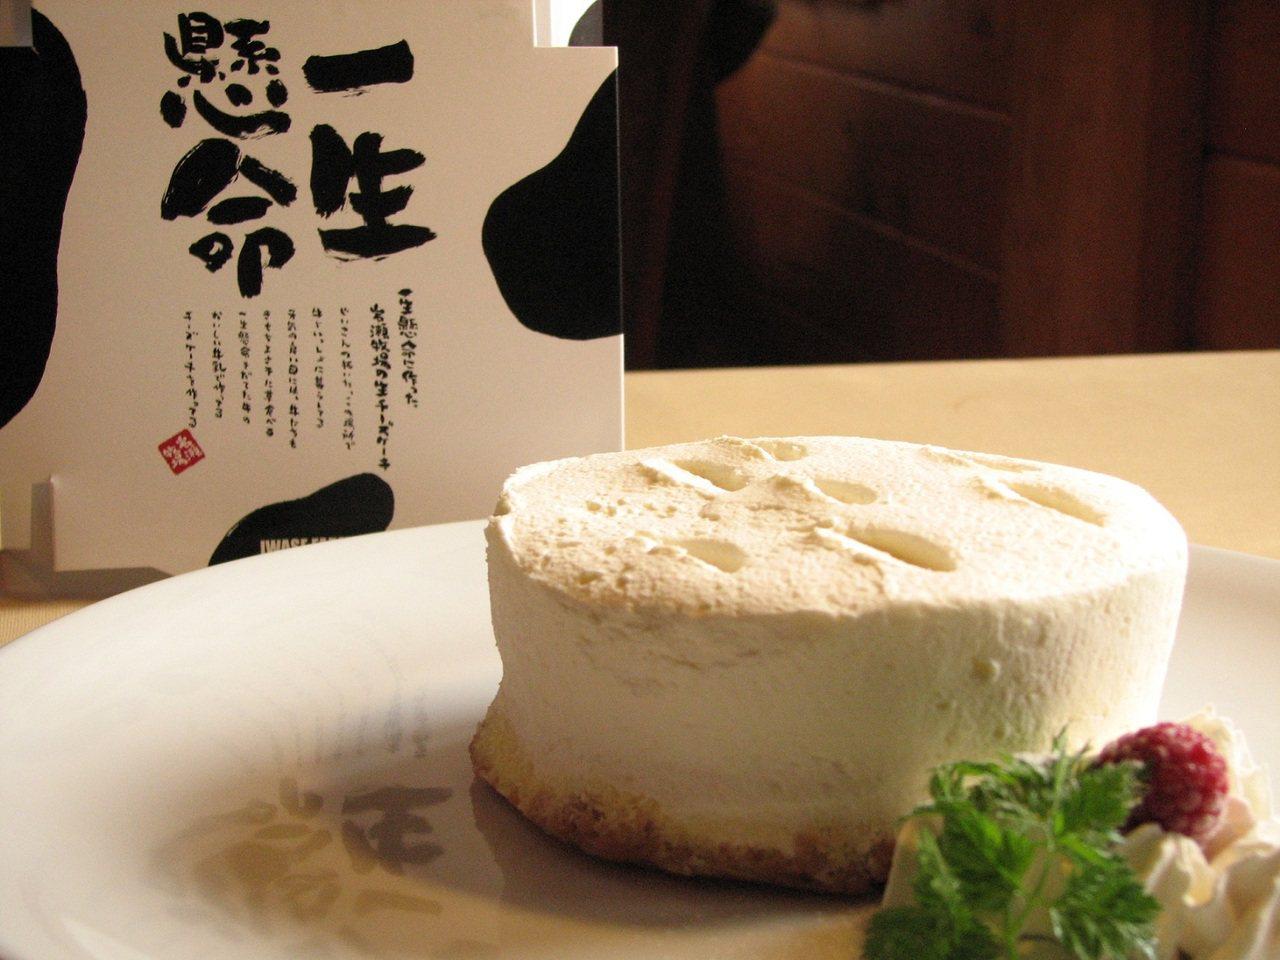 誠品生活號岩瀨農場一生懸命奶酪起司蛋糕,650元,每日限量。圖/誠品提供